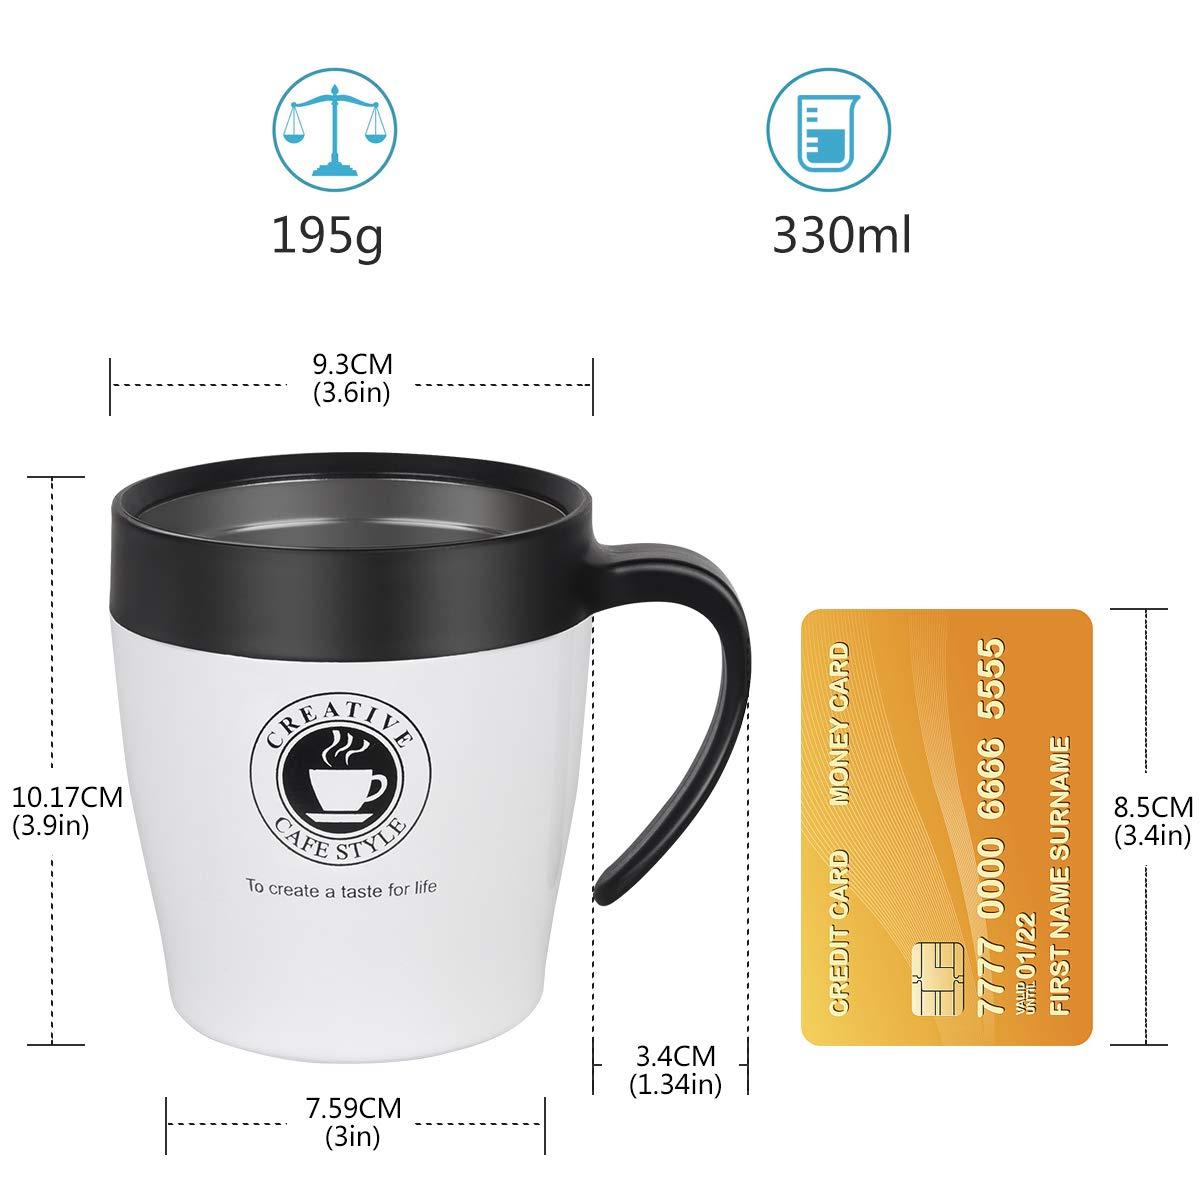 Coffee NUOSEM 330 ML Kaffeebecher to Go Thermo mit Deckel Cocktails Bier Golden Doppelwandig Vakuumisolierter Edelstahlbecher sp/ülmaschinenfest thermobecher caf/é f/ür Tee Griff und Kaffeel/öffel